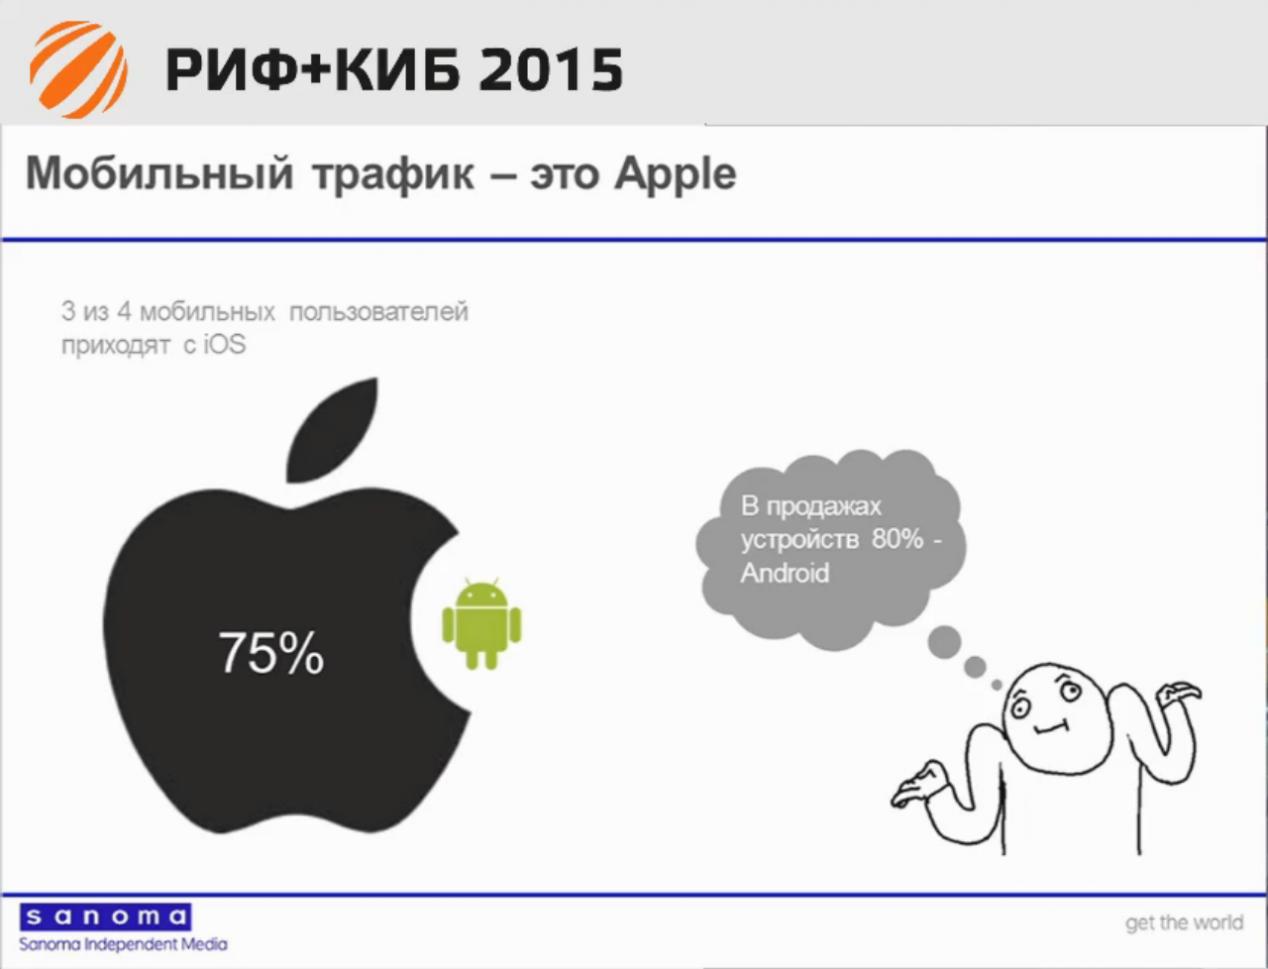 Цифровой директор Sanoma: нам пришлось выбрать iOS; Android — крайне факультативная платформа - 4